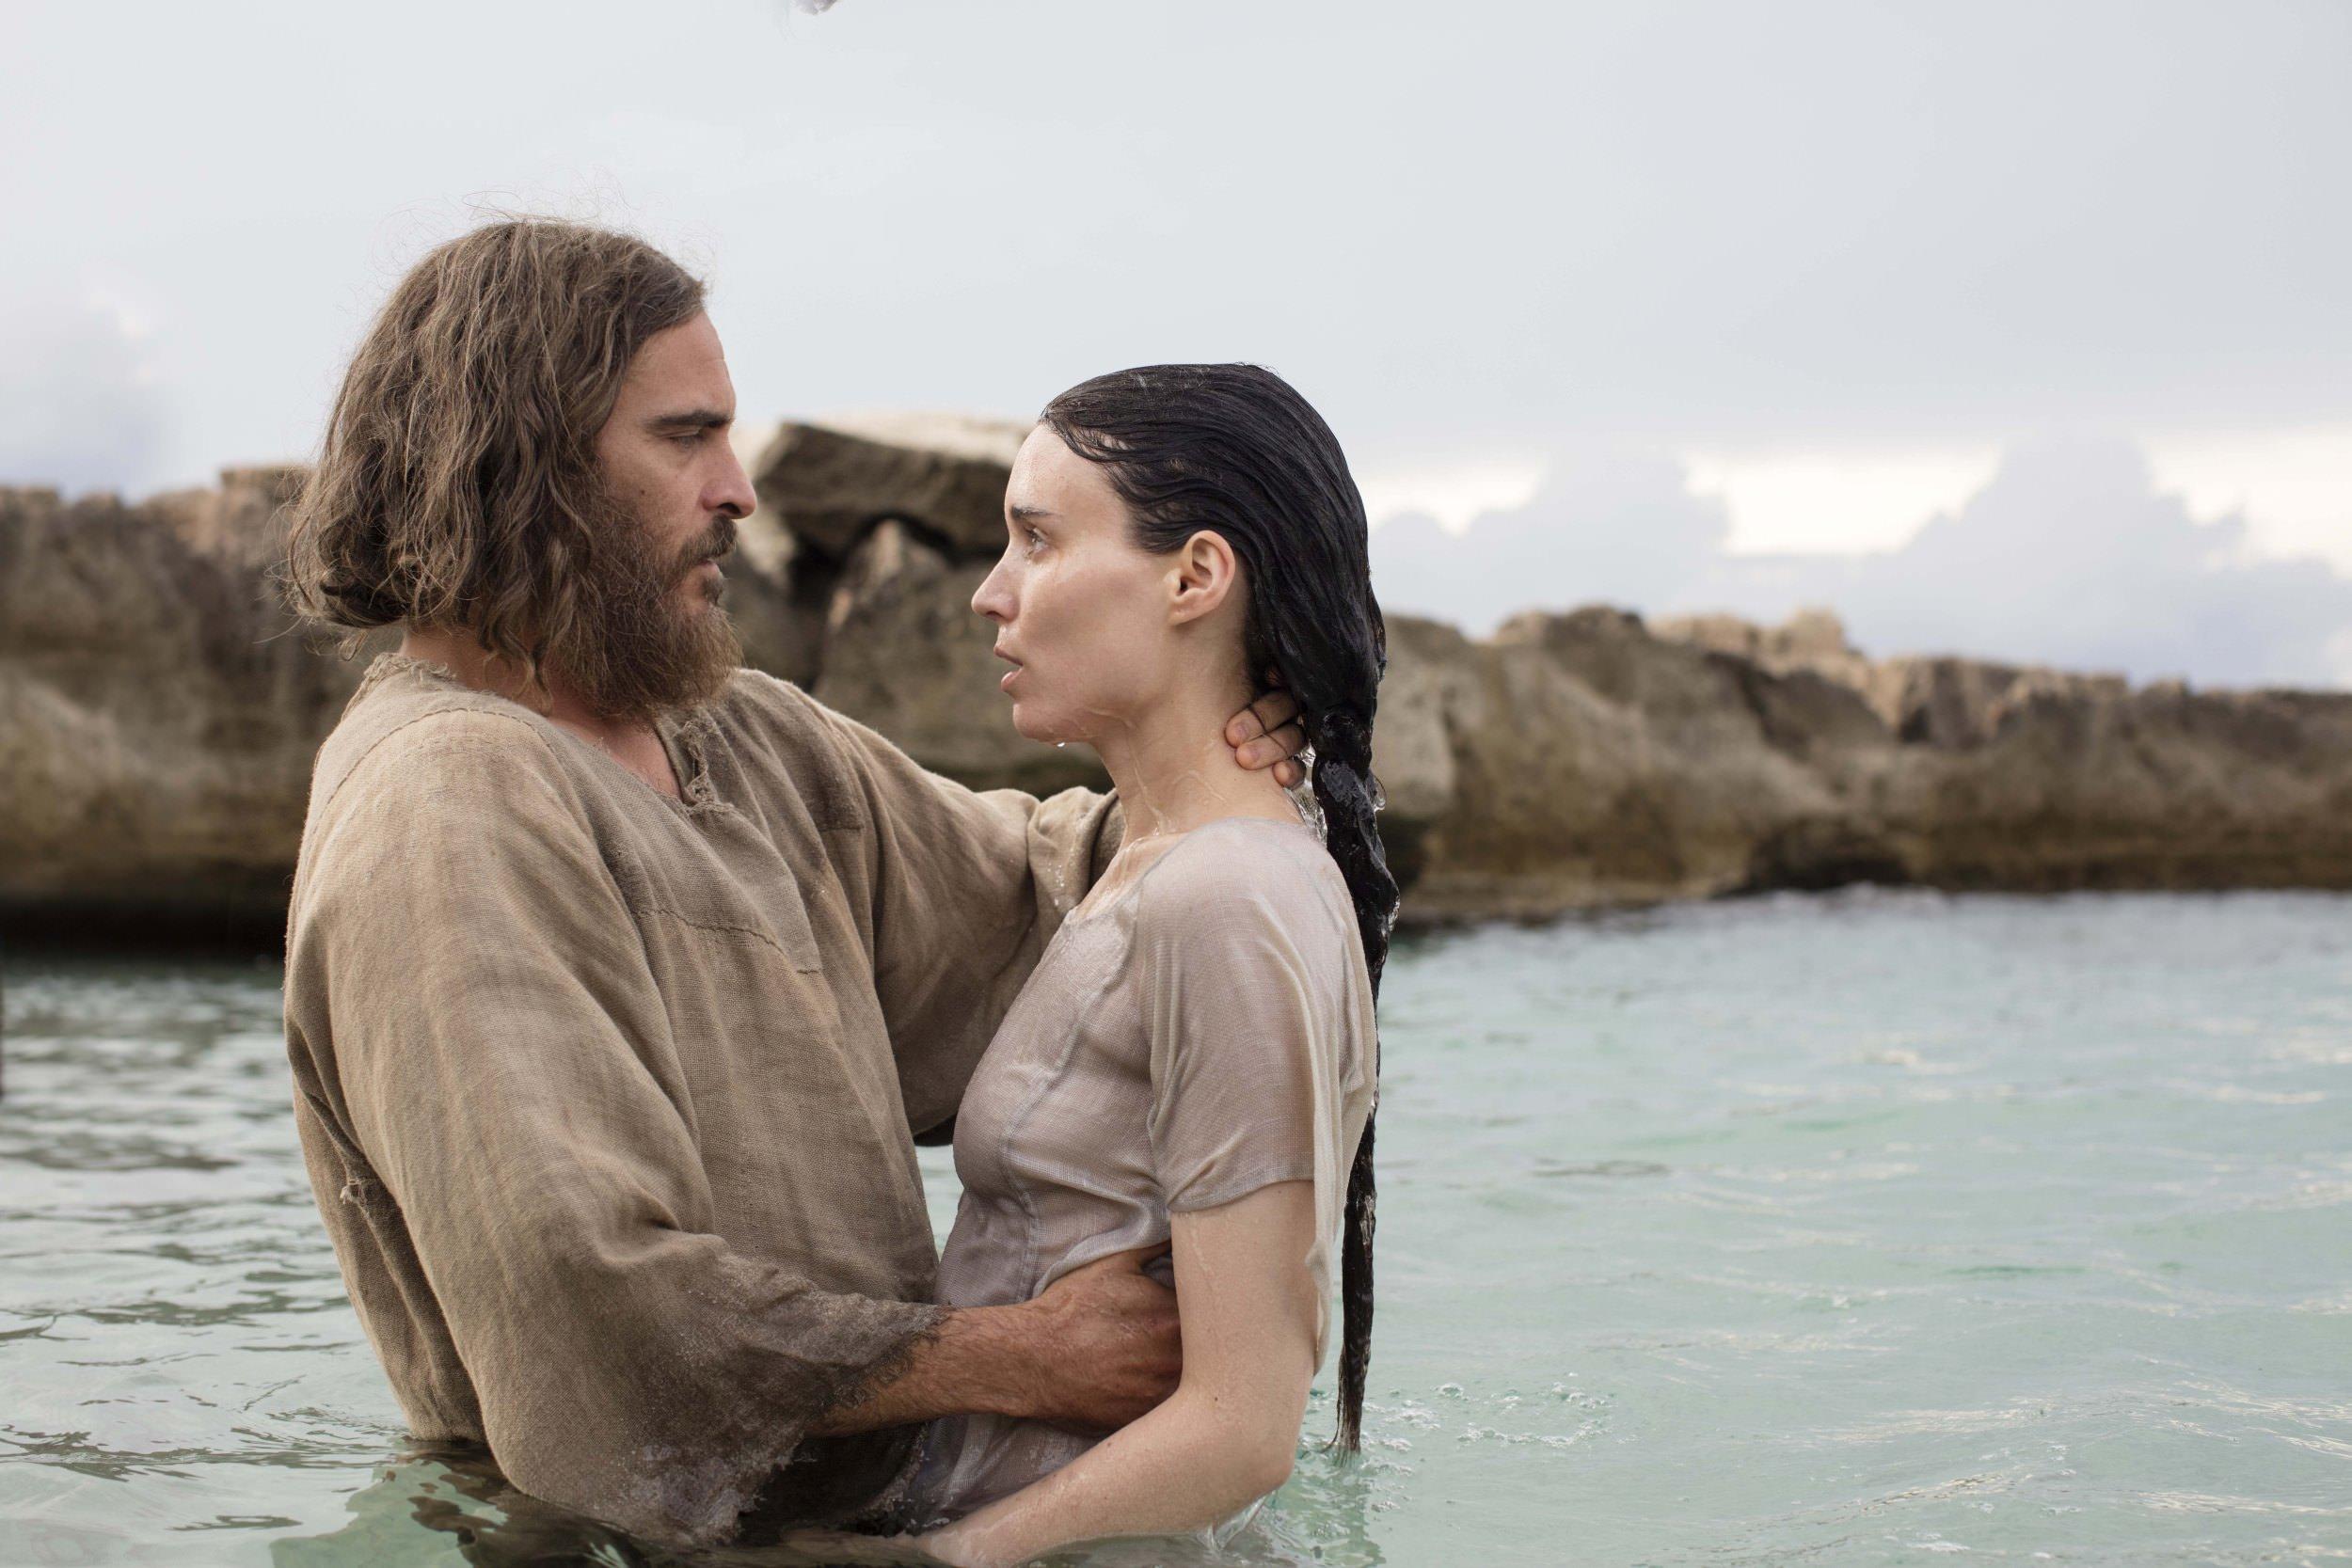 'María Magdalena': Nuevo tráiler con Rooney Mara y Joaquin Phoenix como protagonistas